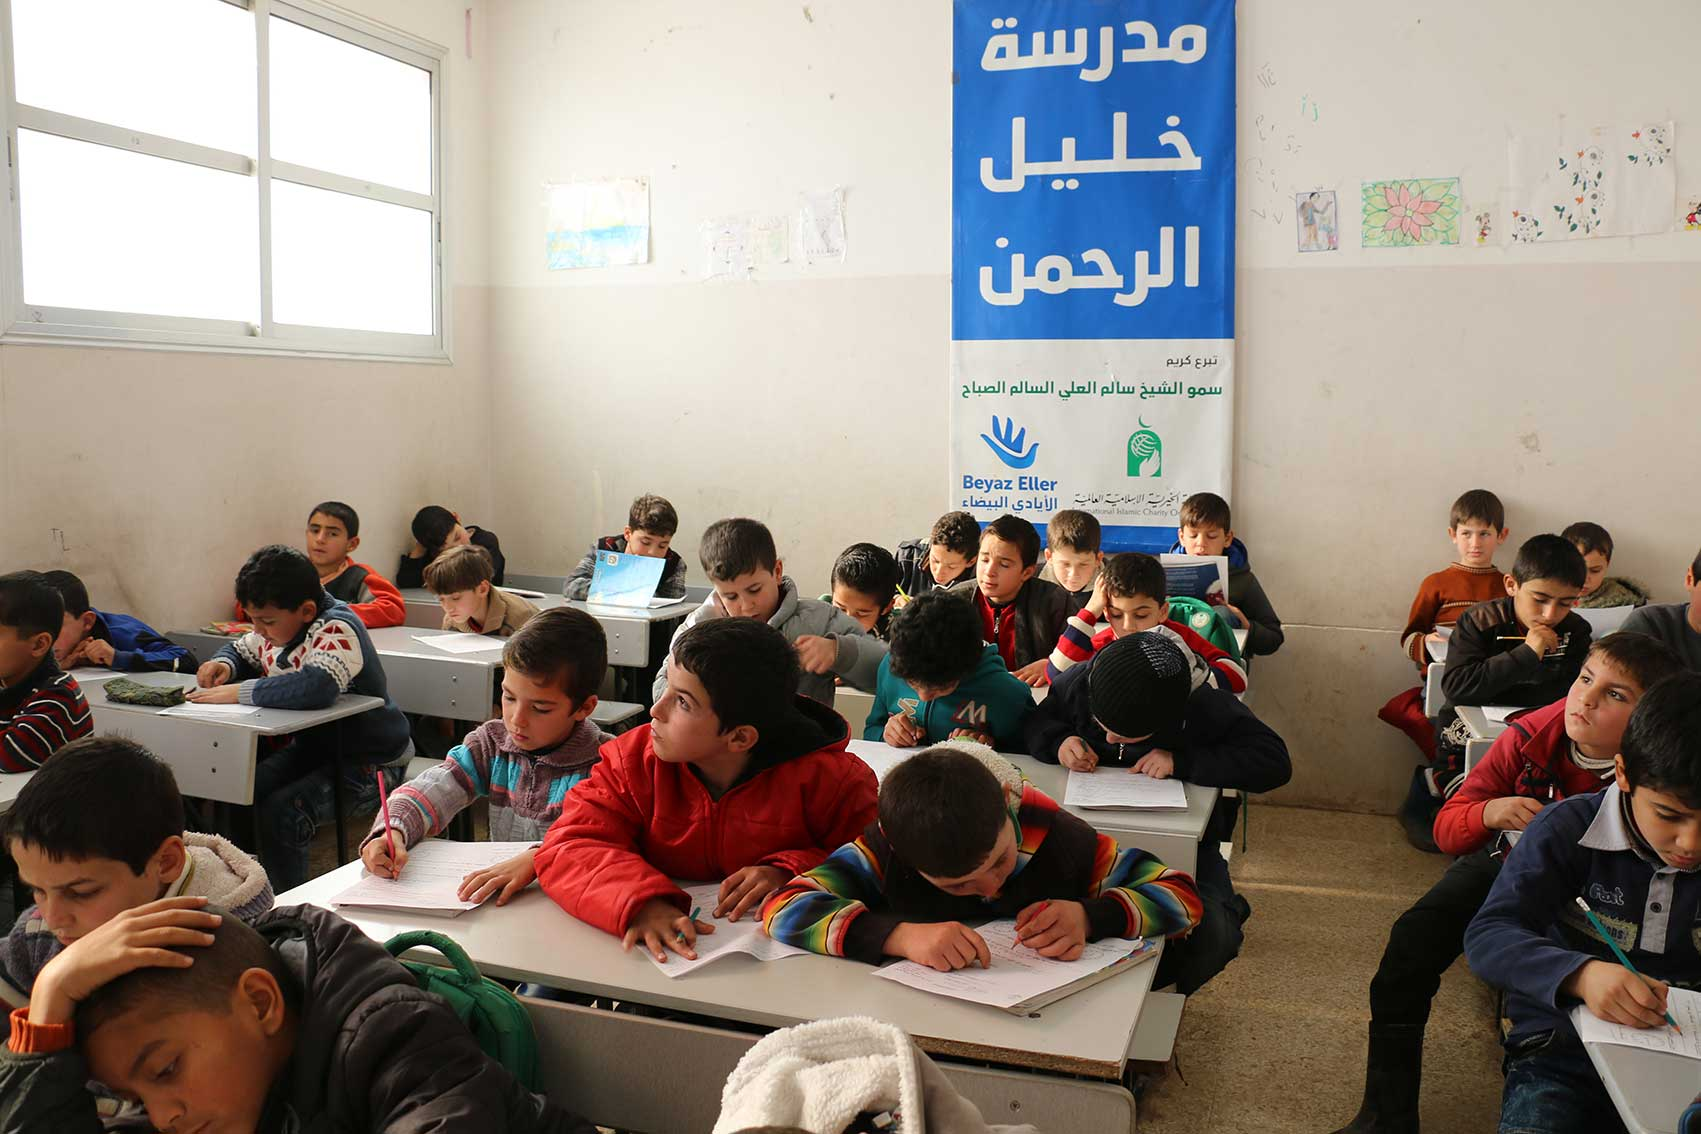 مدرسة خليل الرحمن